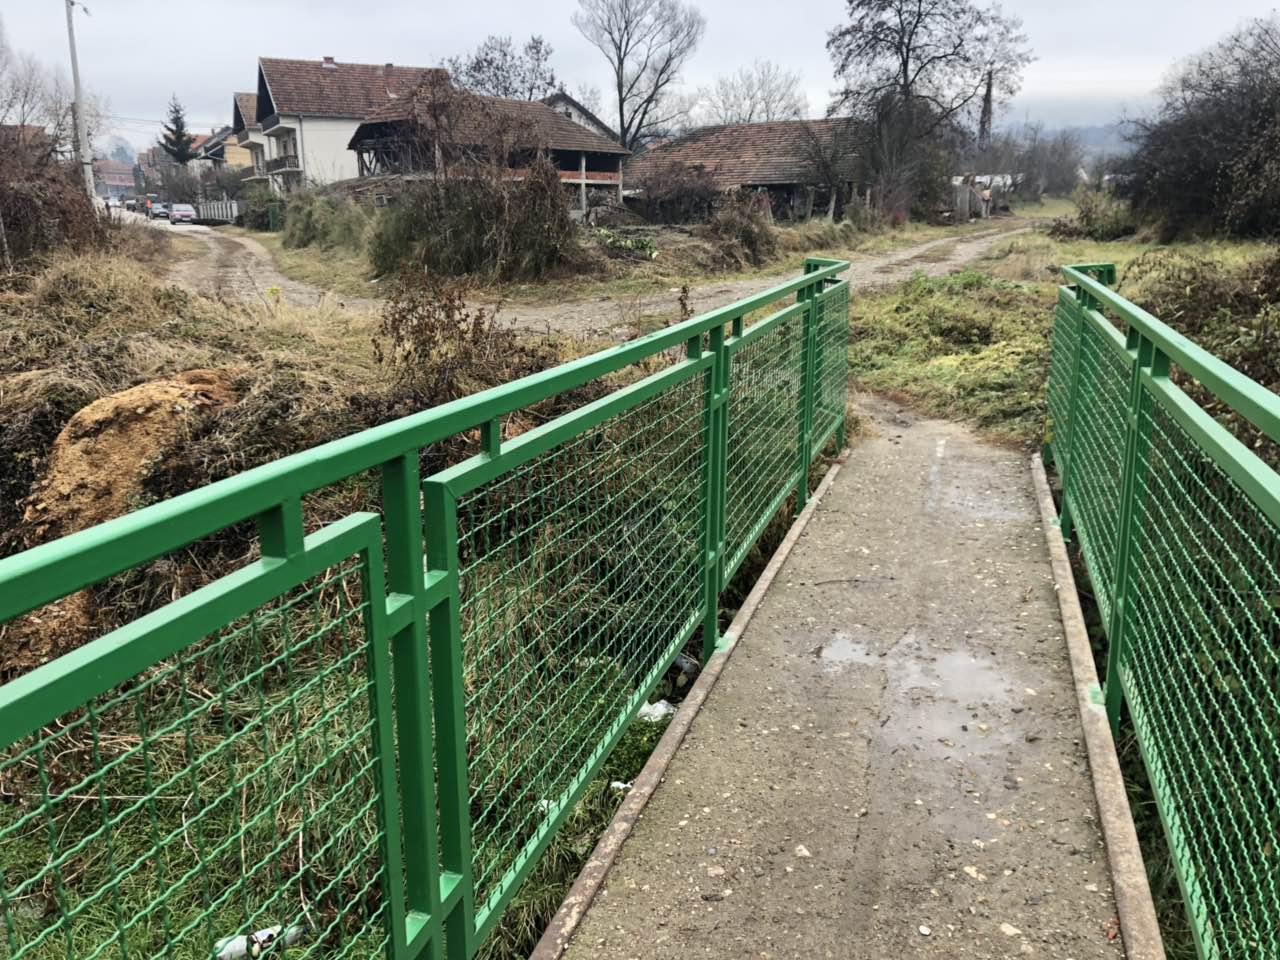 Naselje Magovac dobija most! Moguća izgradnja novog mosta